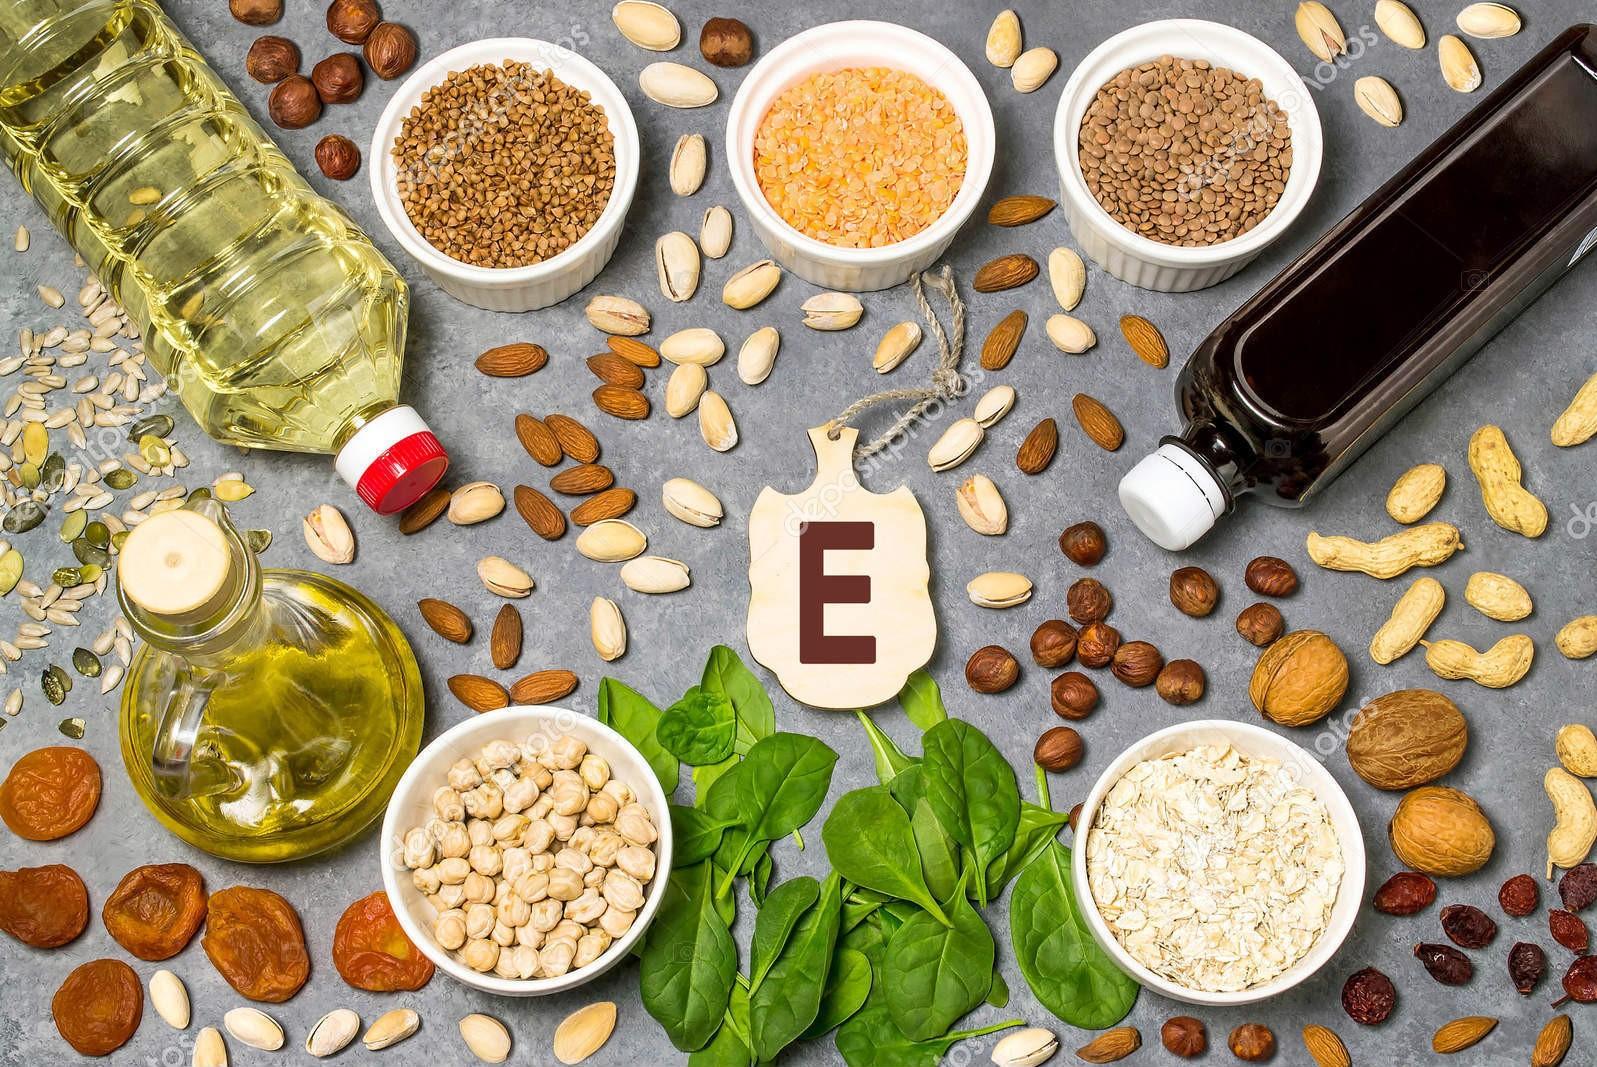 ما هي فوائد فيتامين E للبشرة والشعر : وأيضا مصادر فيتامين E في الطبيعة